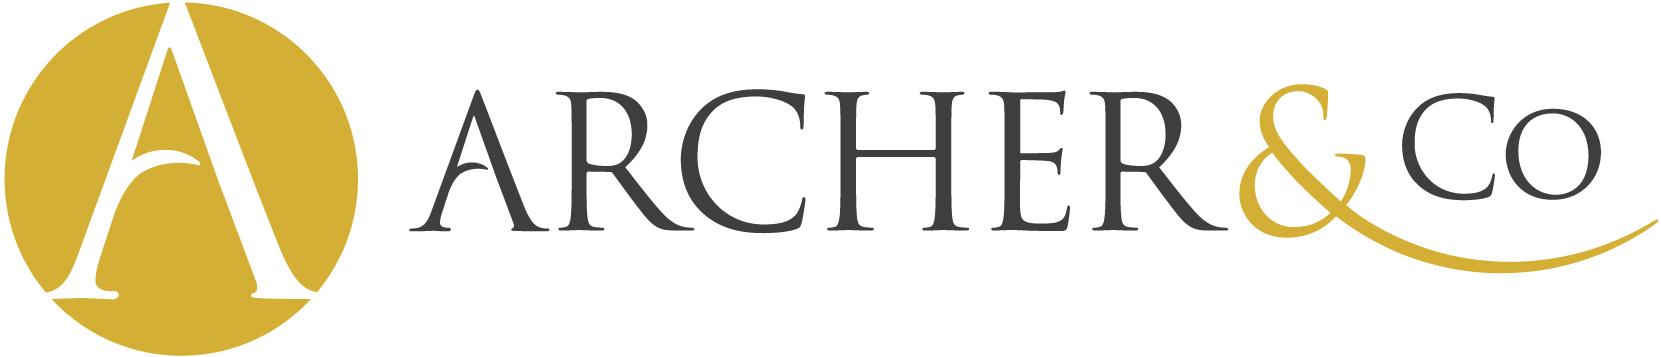 Archer & Co